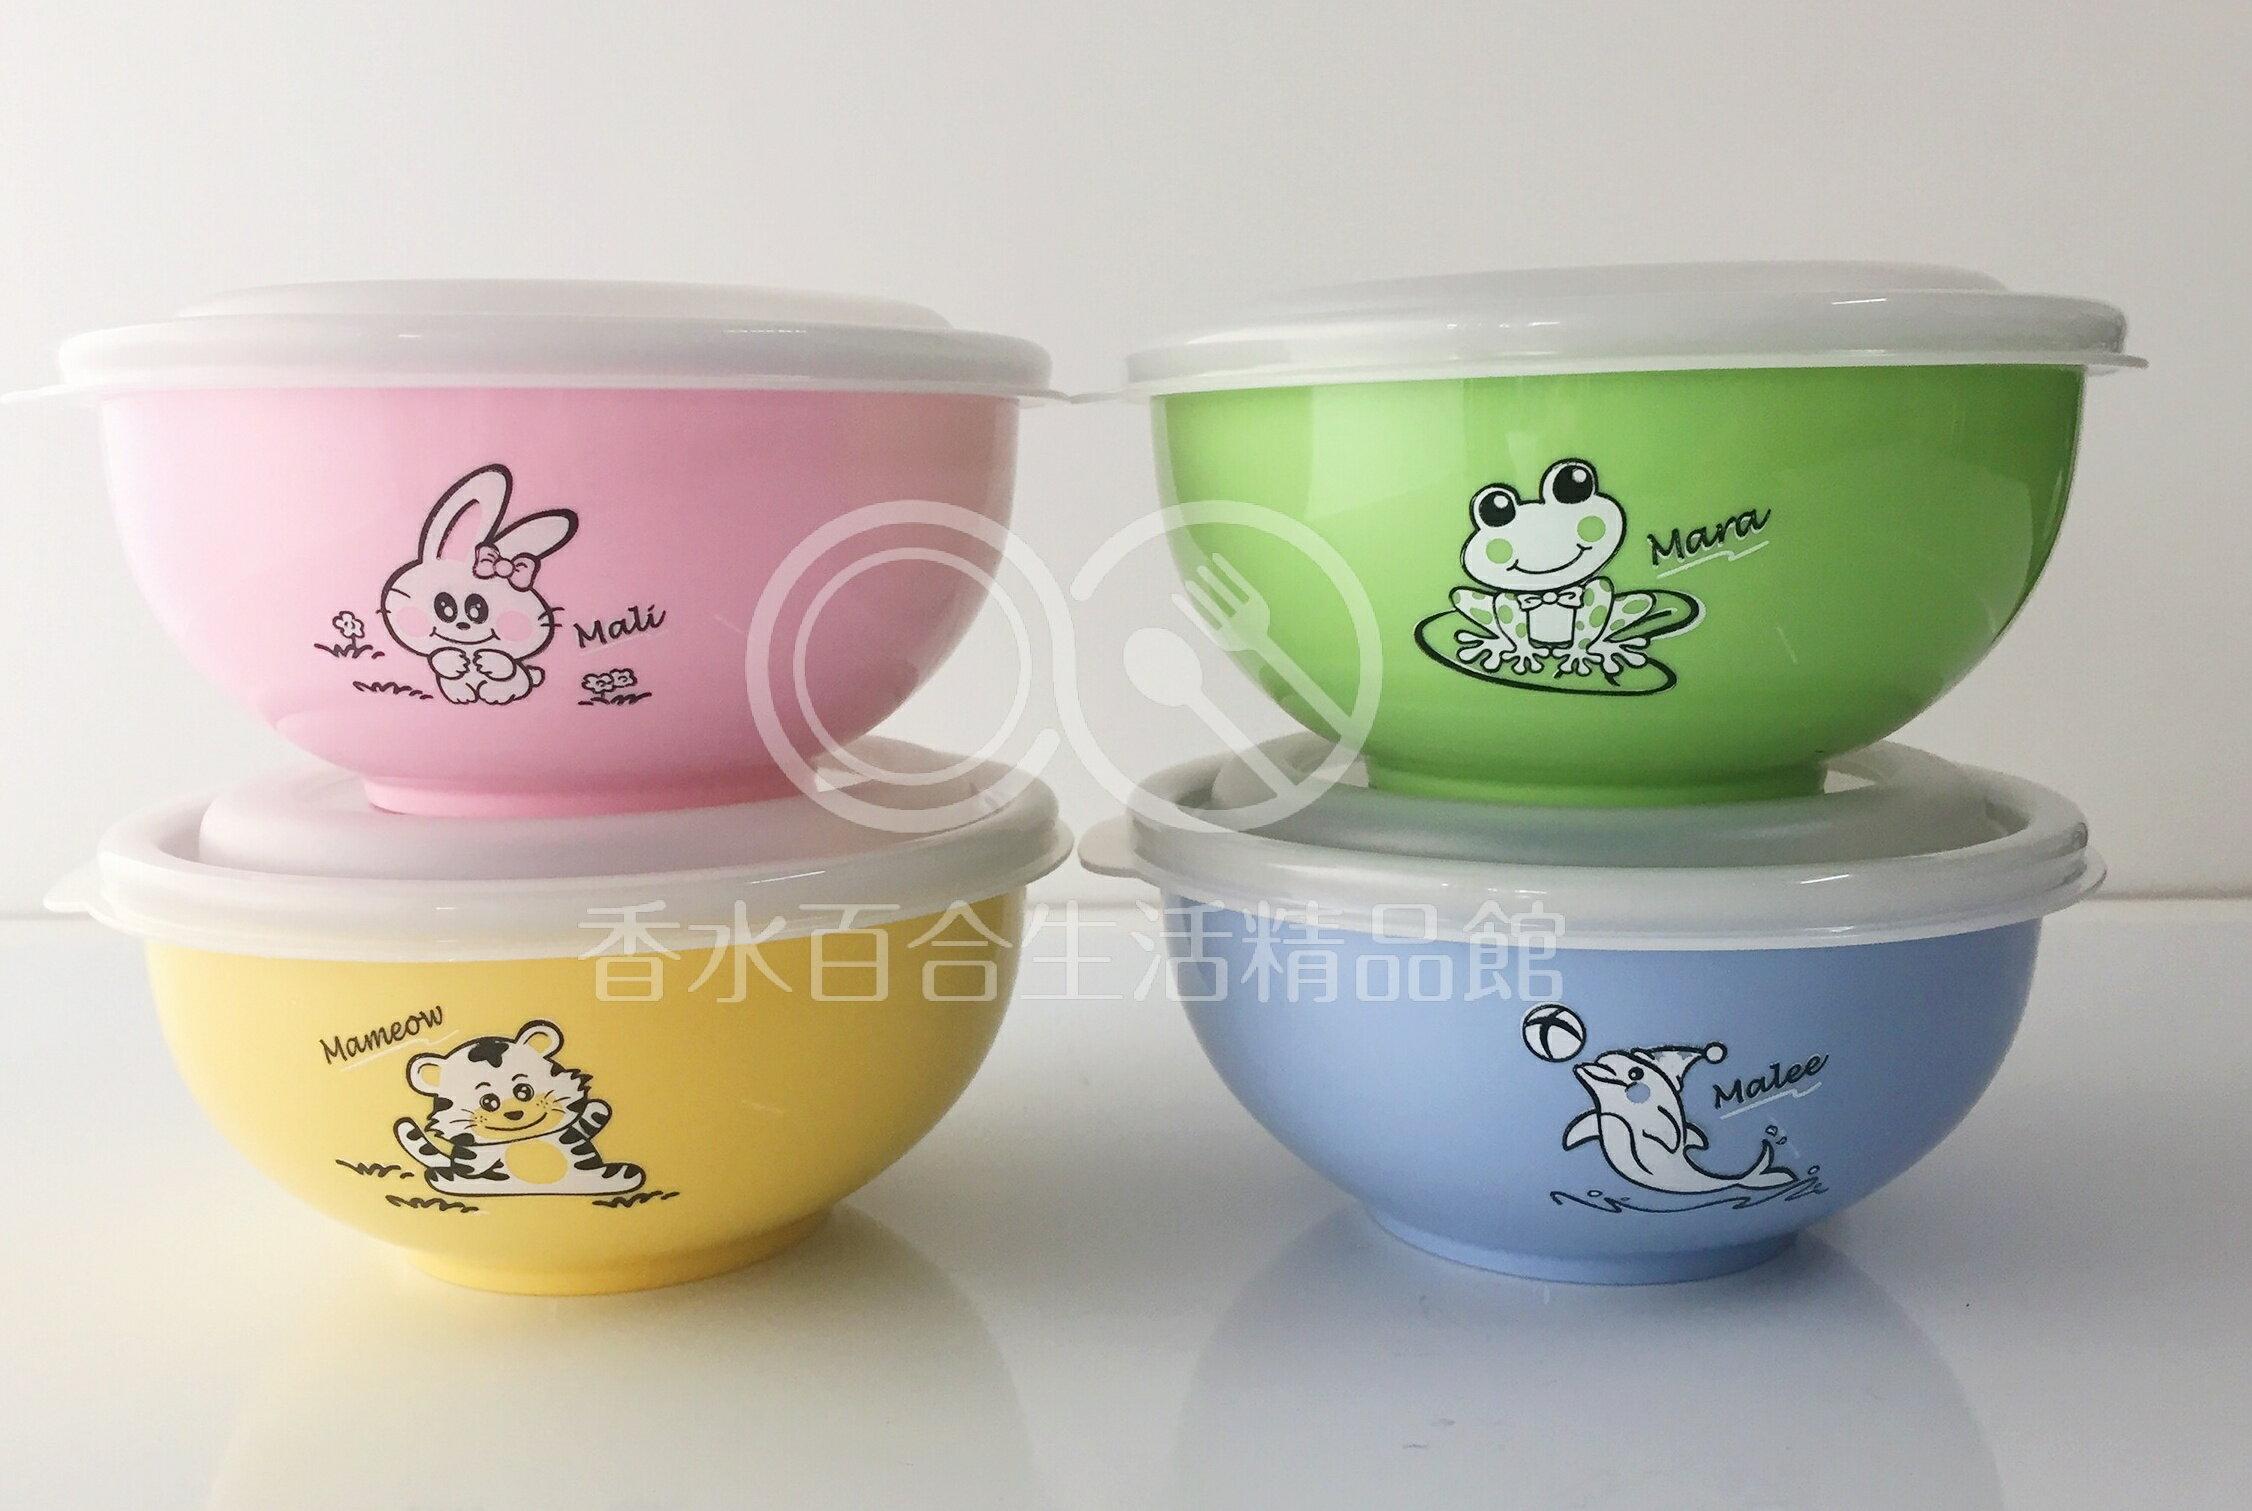 🌟現貨🌟ZEBRA斑馬牌彩色隔熱兒童碗附蓋附湯匙 斑馬牌兒童碗 不鏽鋼兒童碗 三色碗 斑馬兒童碗 斑馬隔熱碗 斑馬